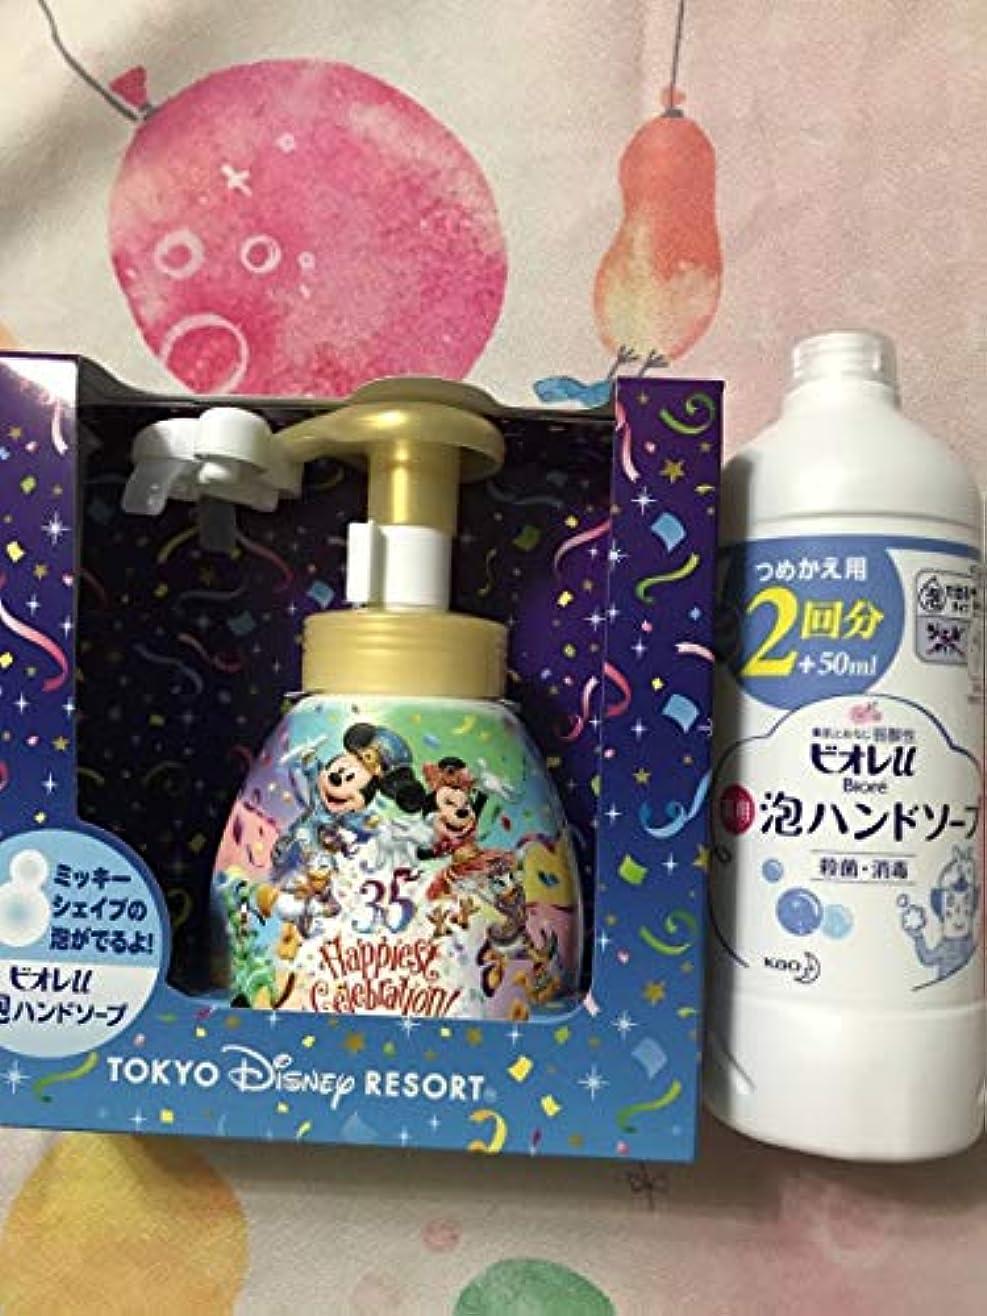 役員テセウス命令的ミッキー シェイプ ハンドソープ 東京 ディズニー リゾート 35周年 記念 石鹸 ビオレU 詰め替え 付き